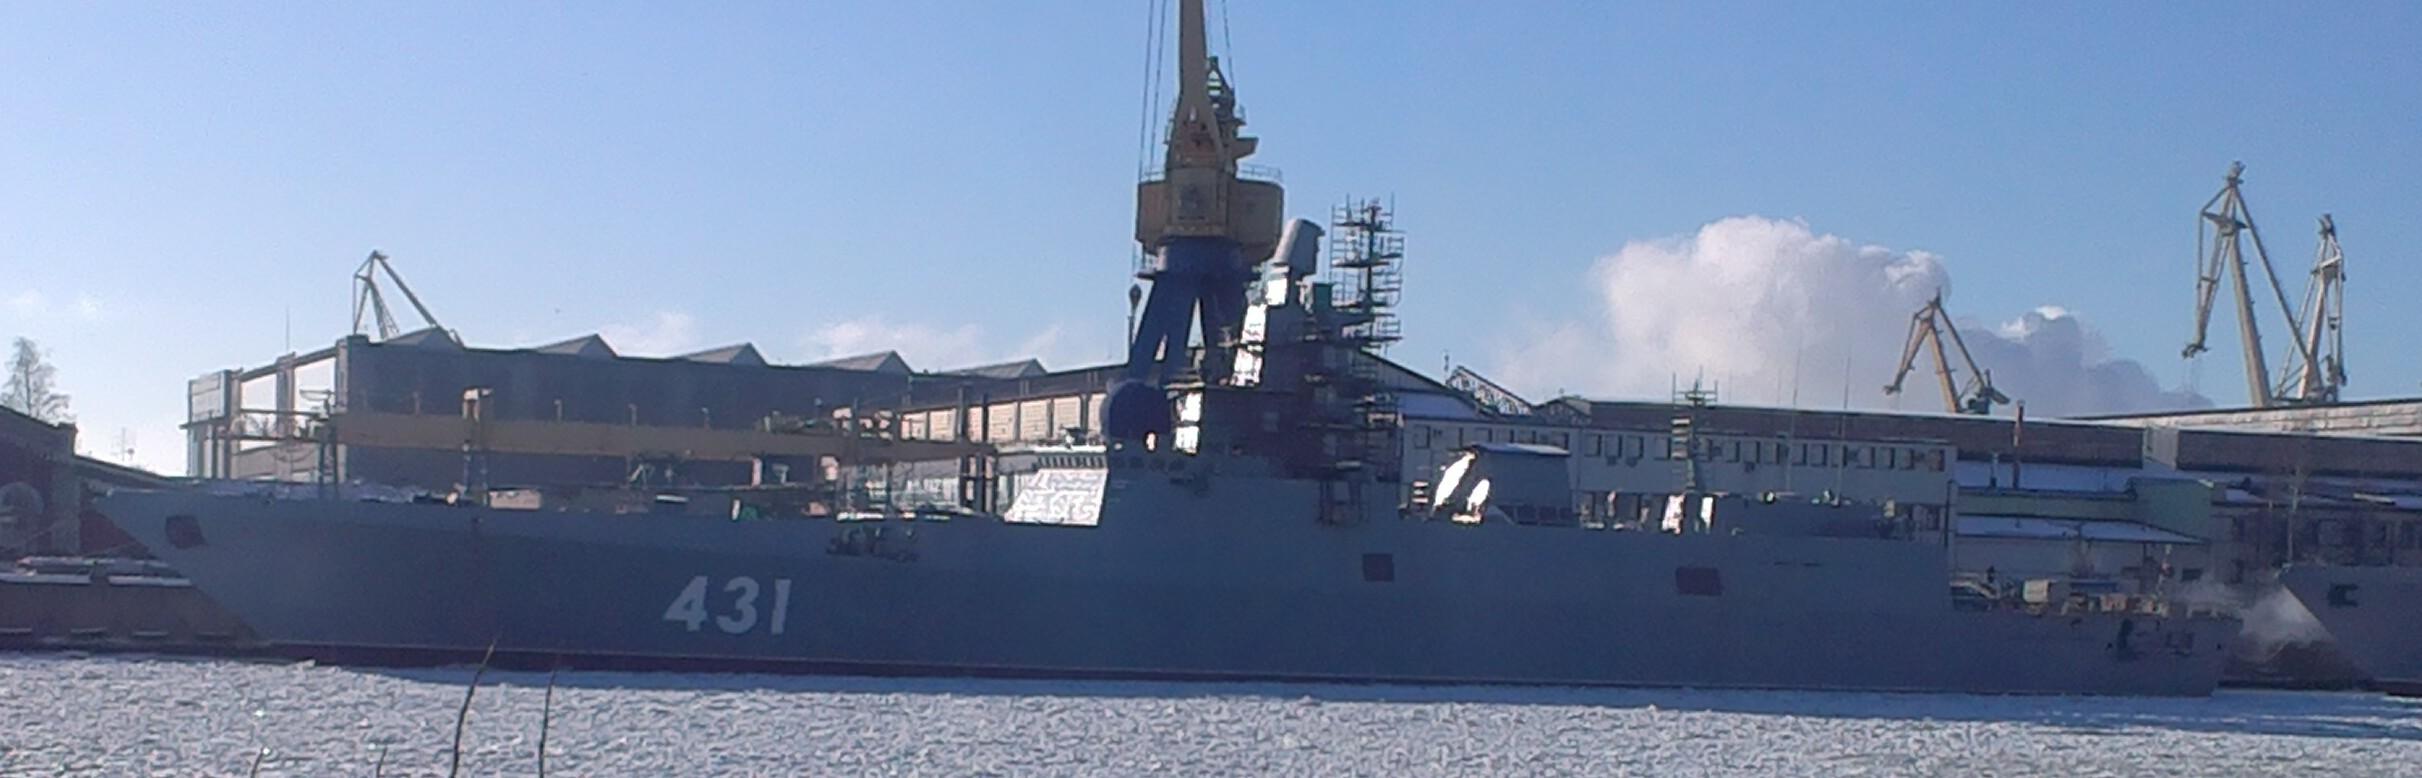 Министерство обороны планирует строительство крупнотоннажных вспомогательных судов